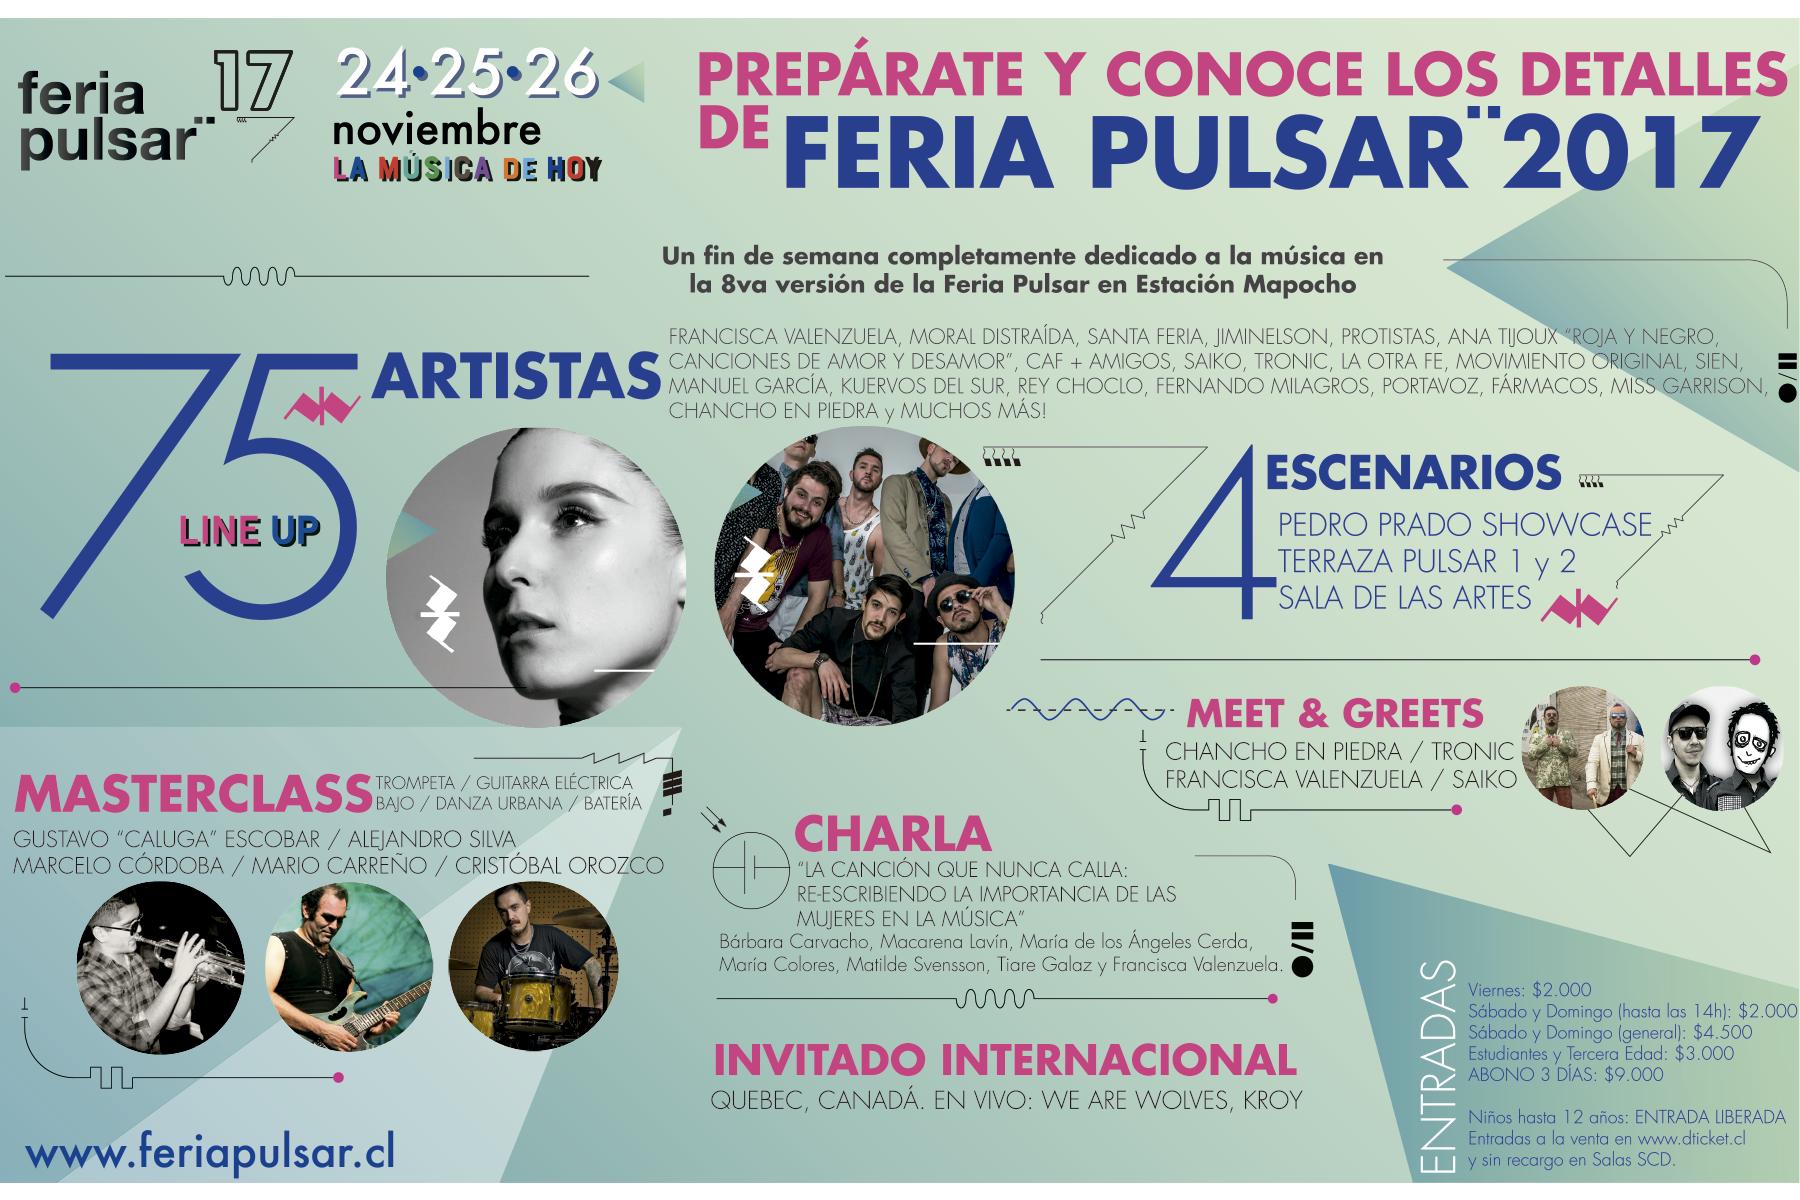 Infografía de la Feria Pulsar